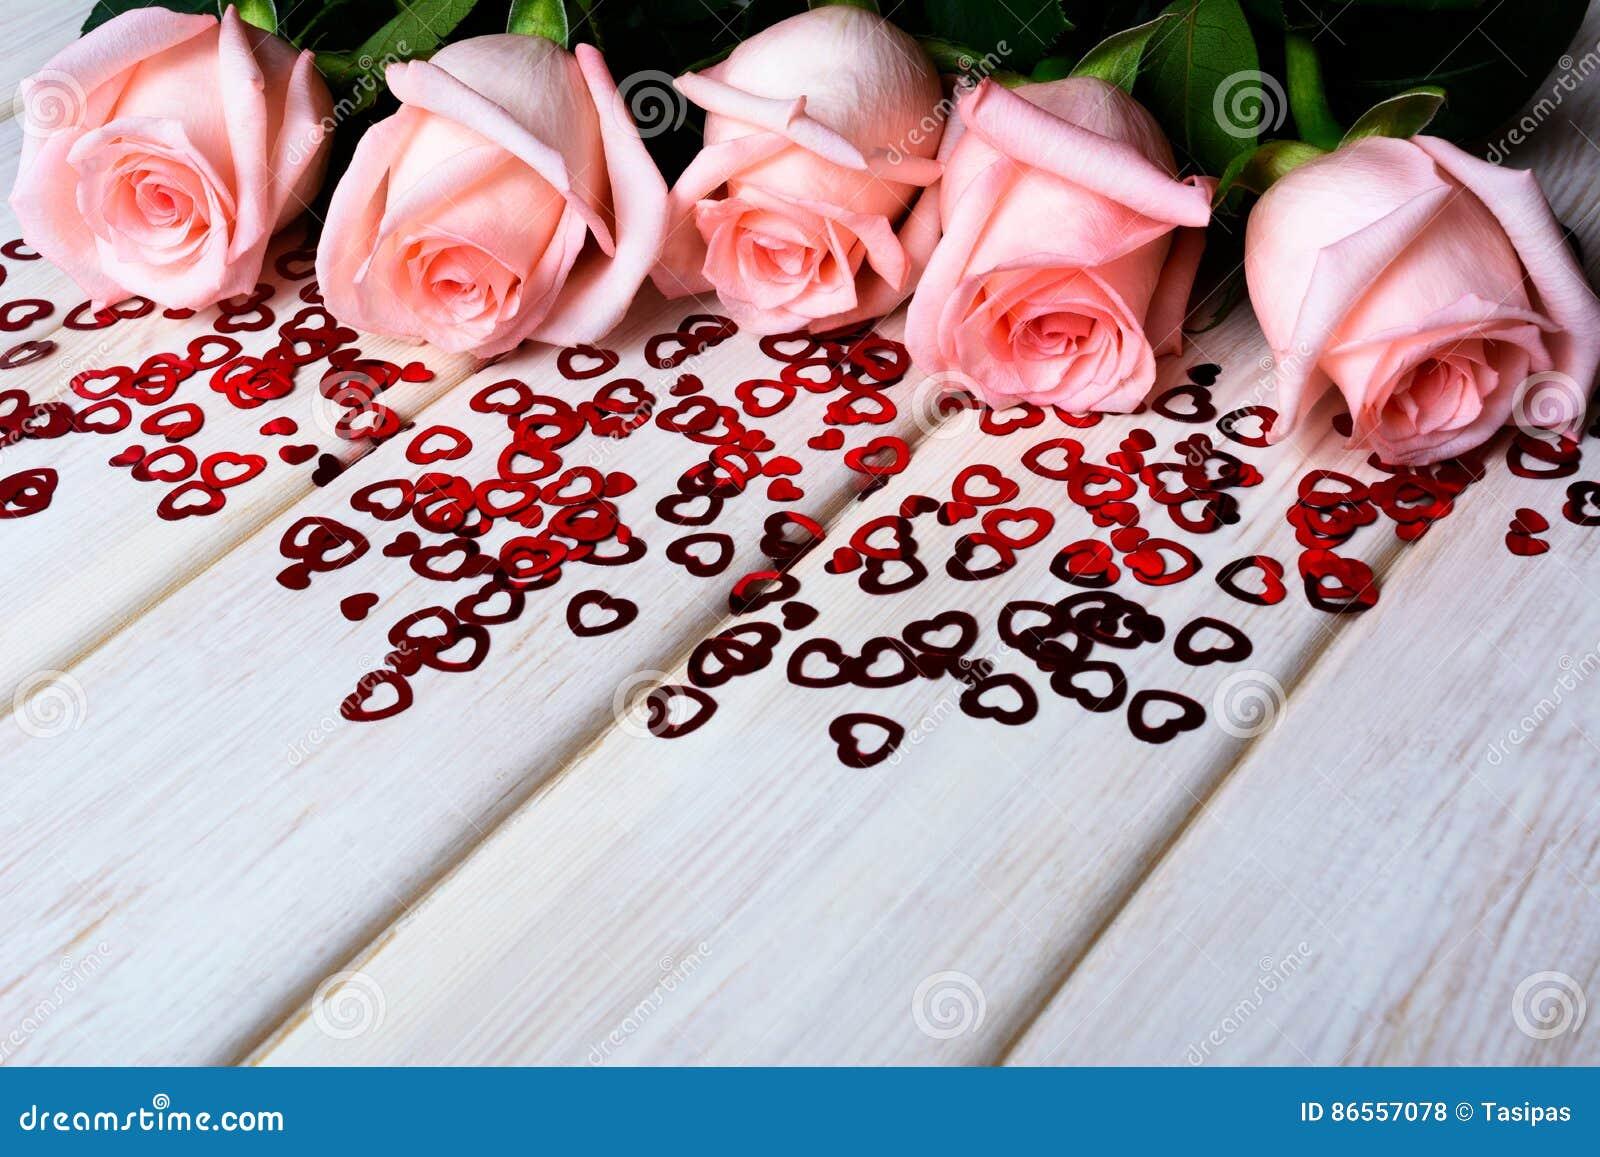 Ερωτευμένη έννοια πτώσης με χλωμό - ρόδινα τριαντάφυλλα και μικρές κόκκινες καρδιές